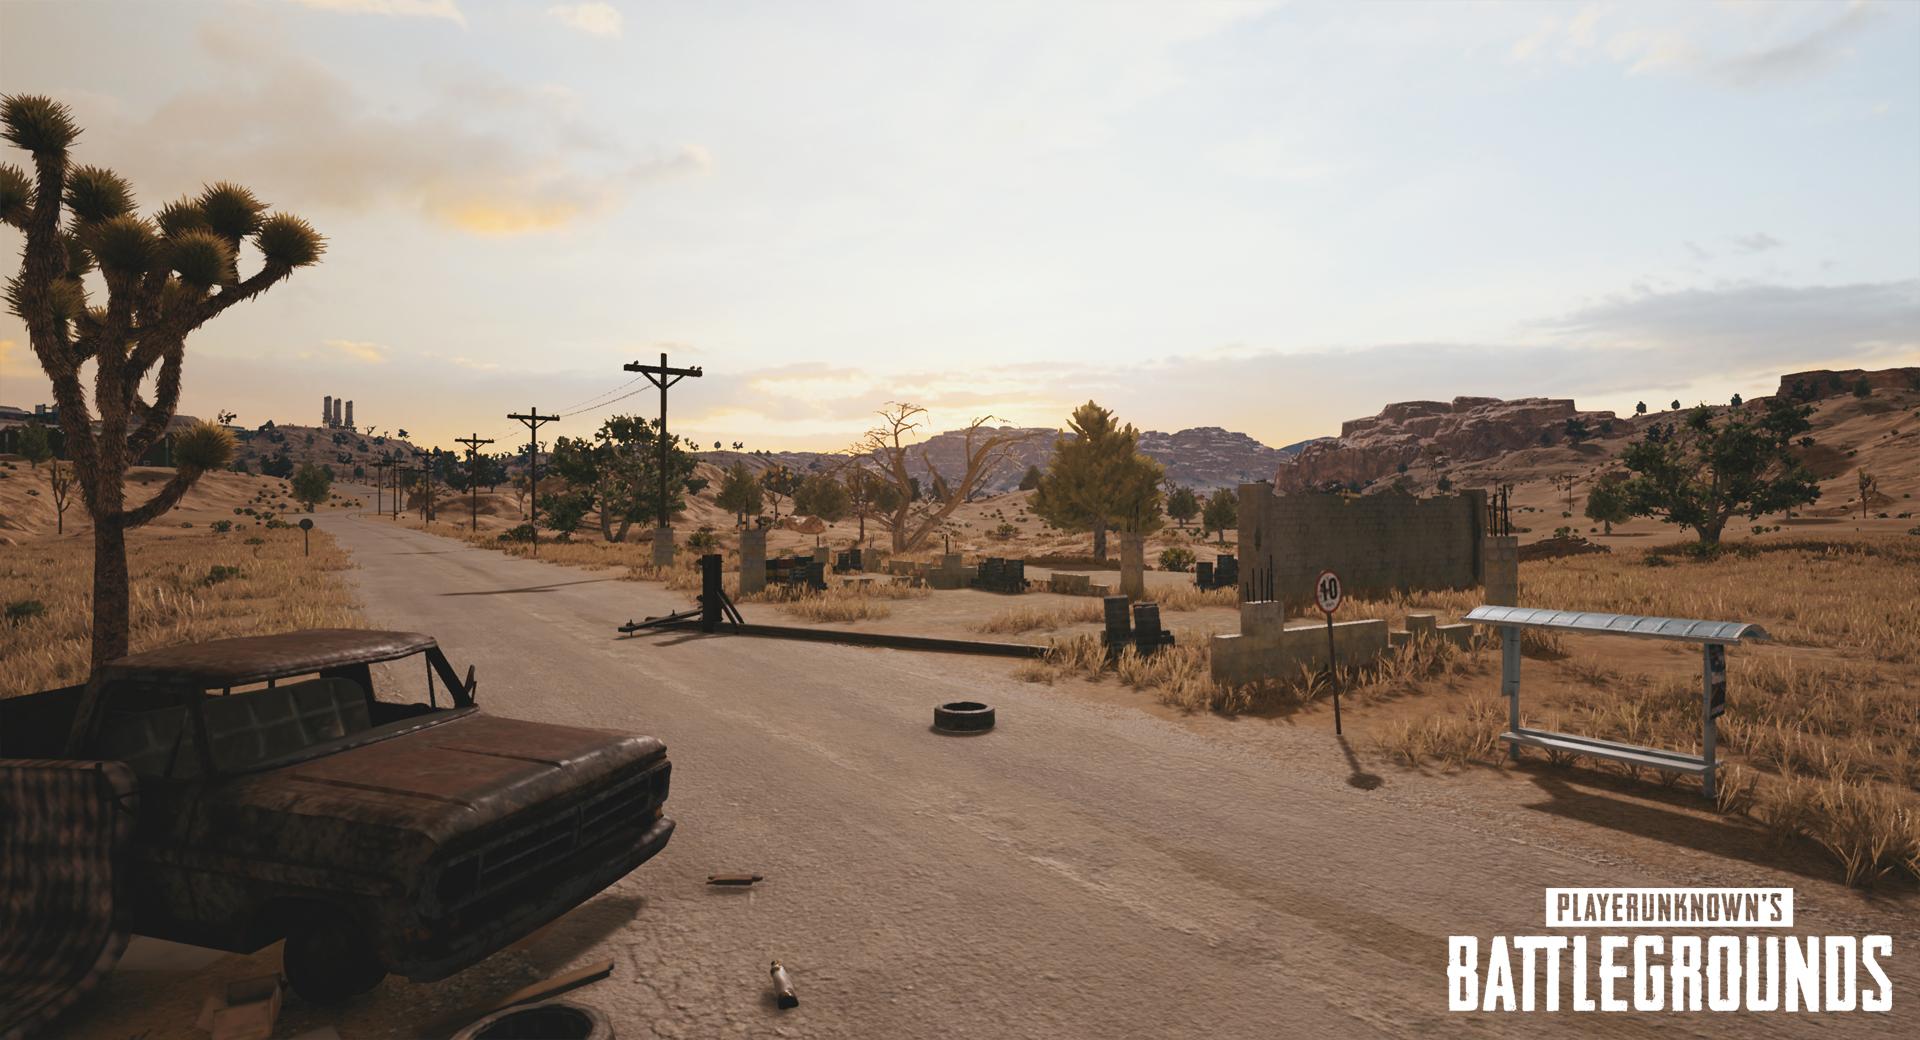 1920x1080 Playerunknowns Battlegrounds 5k Screenshot: Check Out 5 New, Exclusive PUBG Desert Map Screenshots